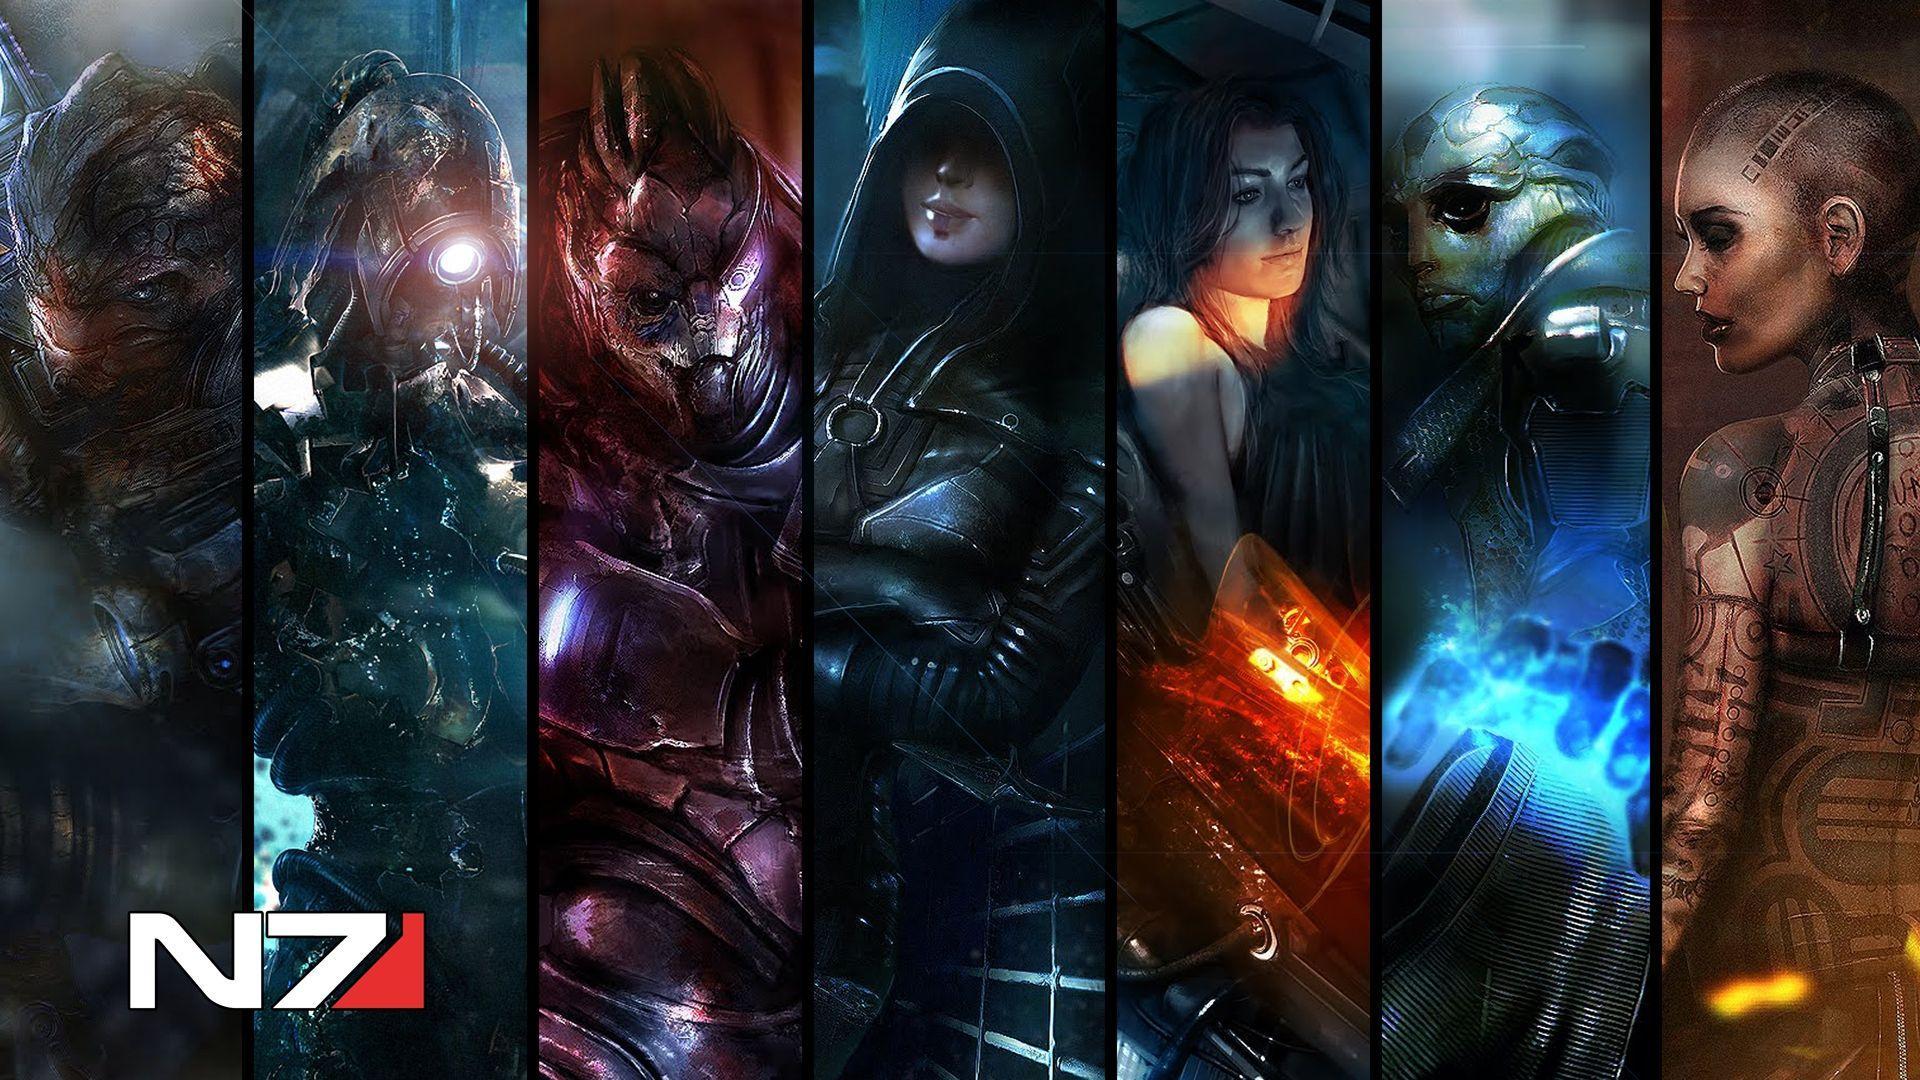 Mass Effect 1080p Wallpapers - Wallpaper Cave